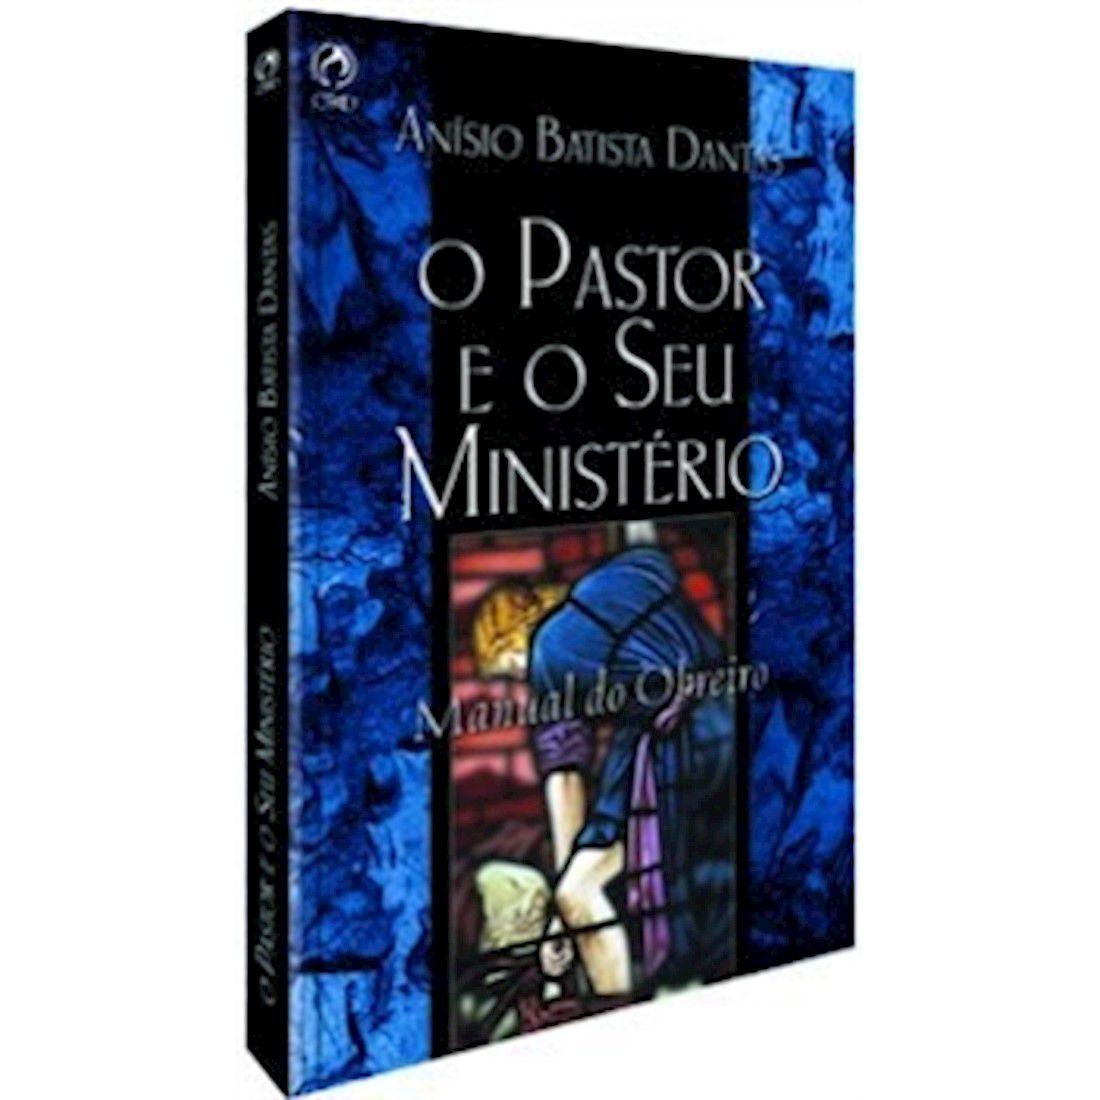 Livro O Pastor e o seu Ministério